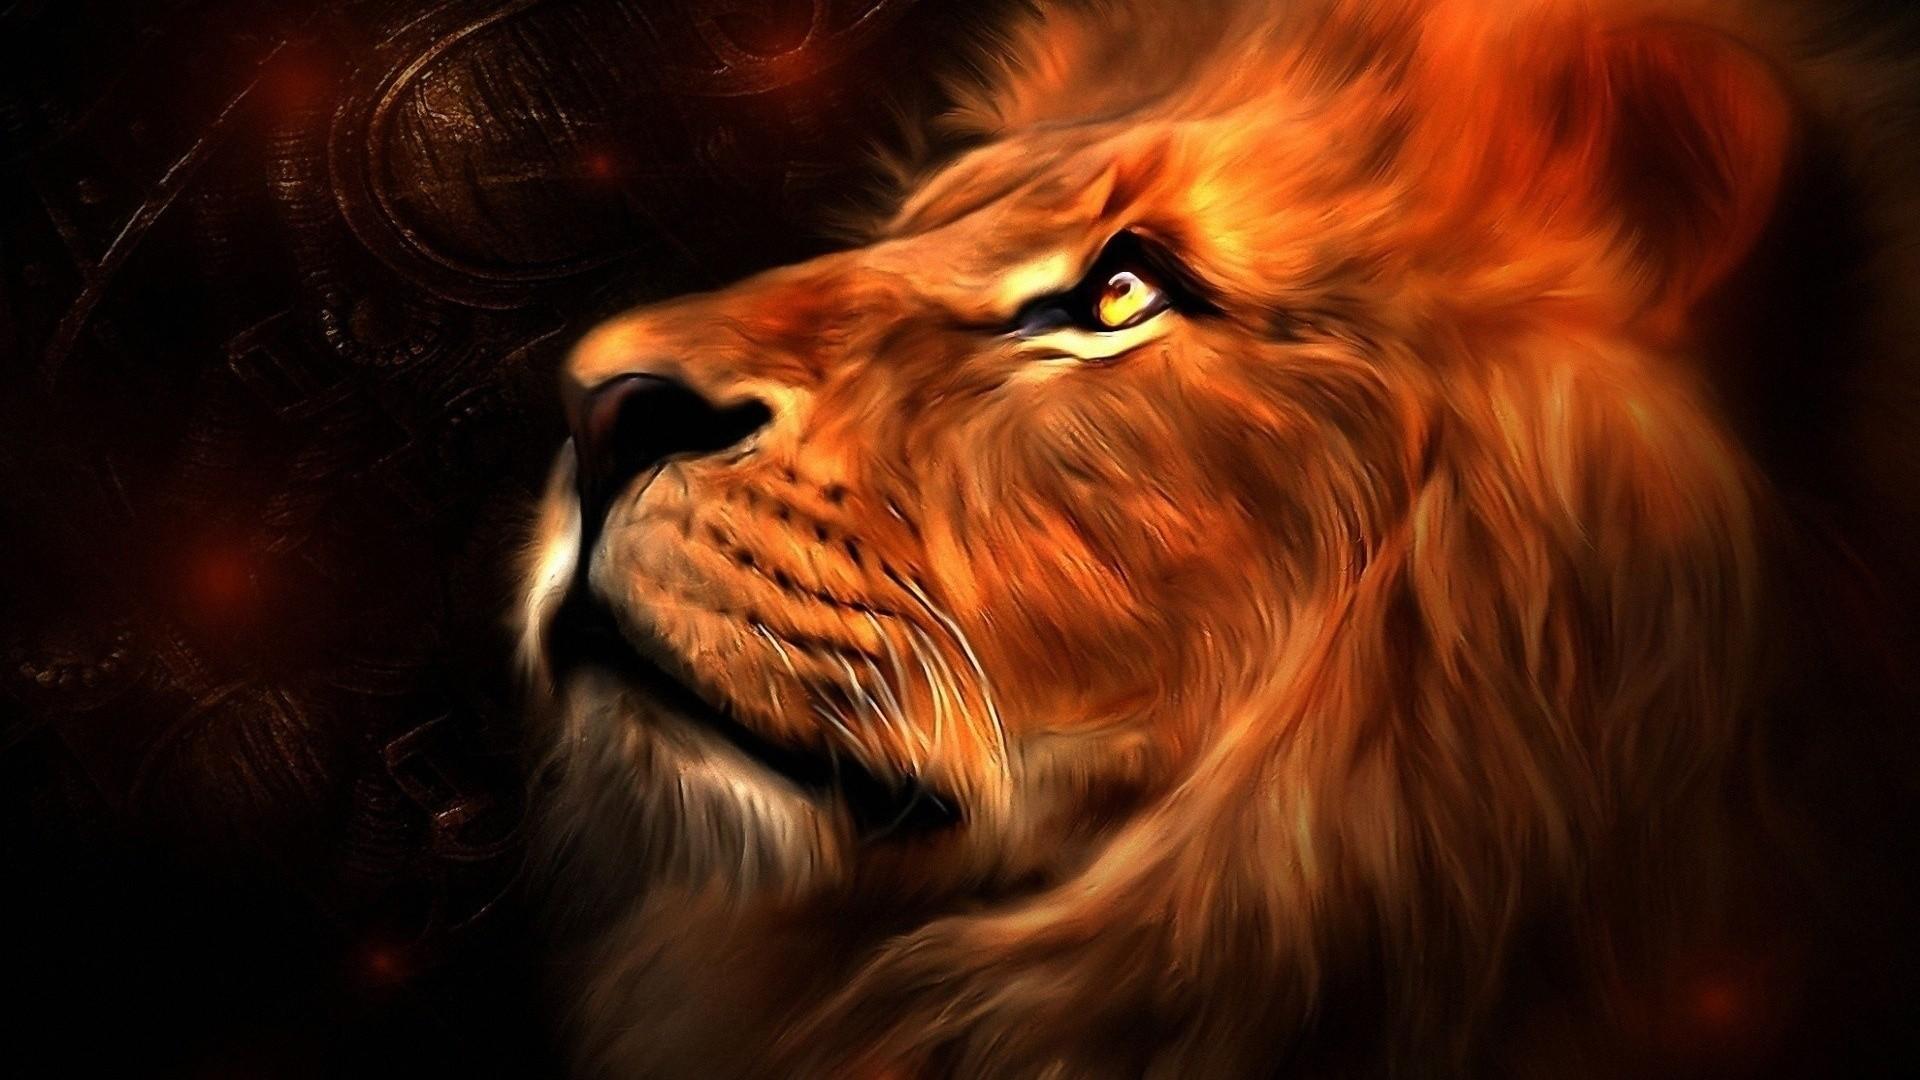 Lion wallpaper – 987474